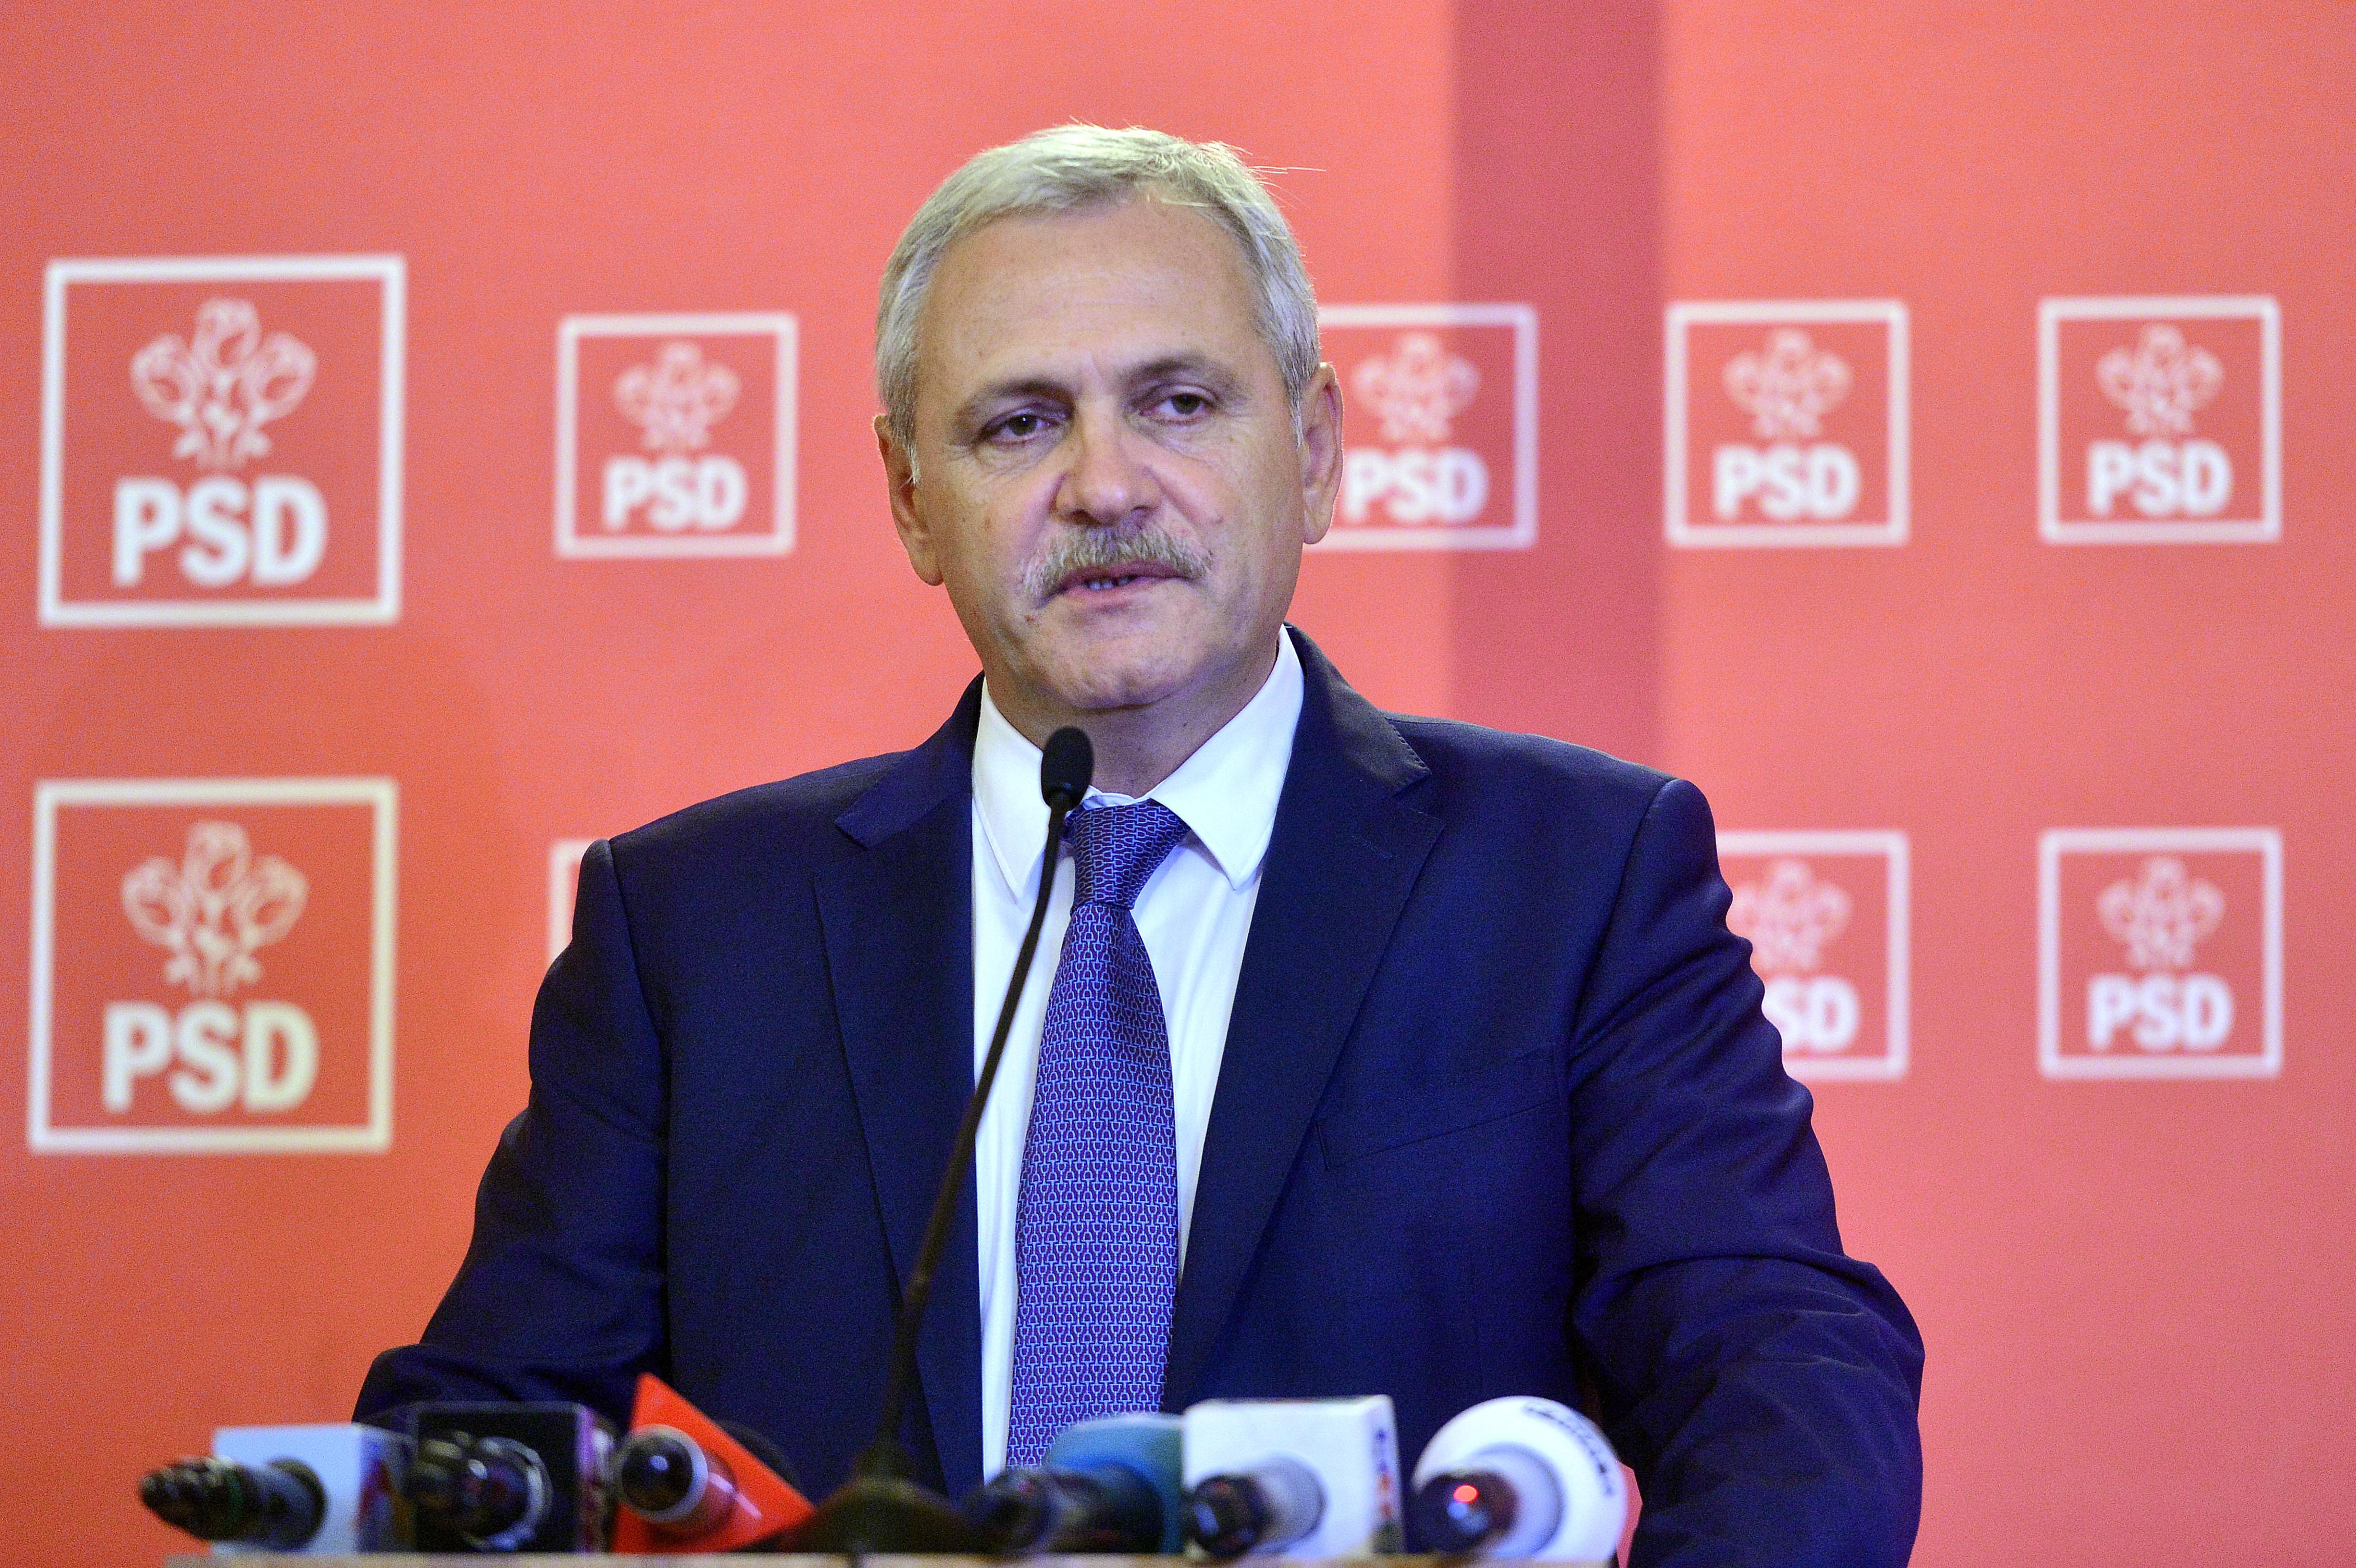 DGPI susţine că documentul apărut în ancheta Rise Project despre Liviu Dragnea nu aparţine instituţiei